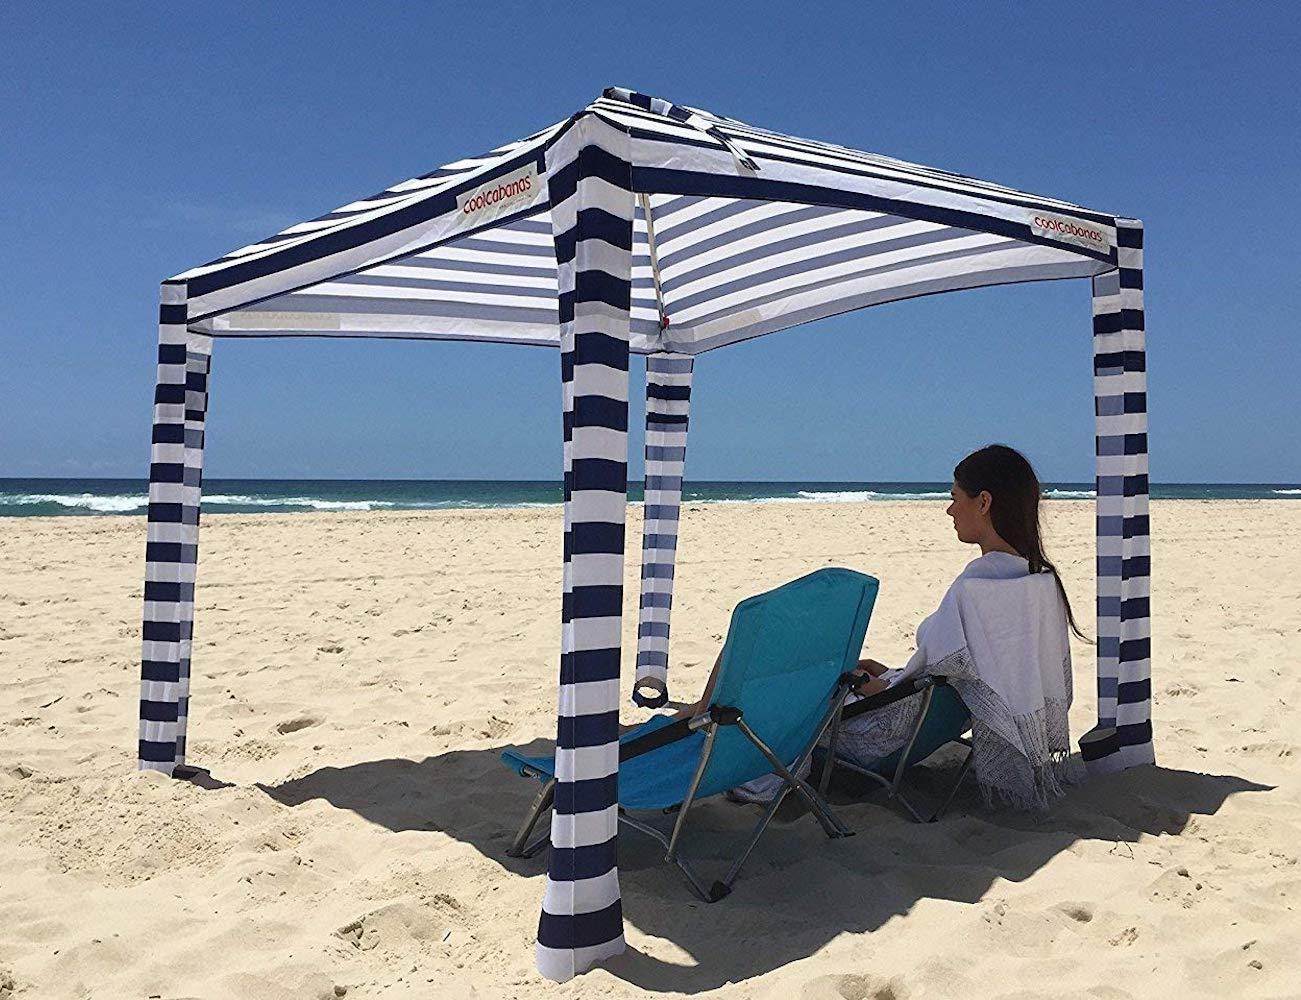 CoolCabanas 3 Compact Sun Shelter